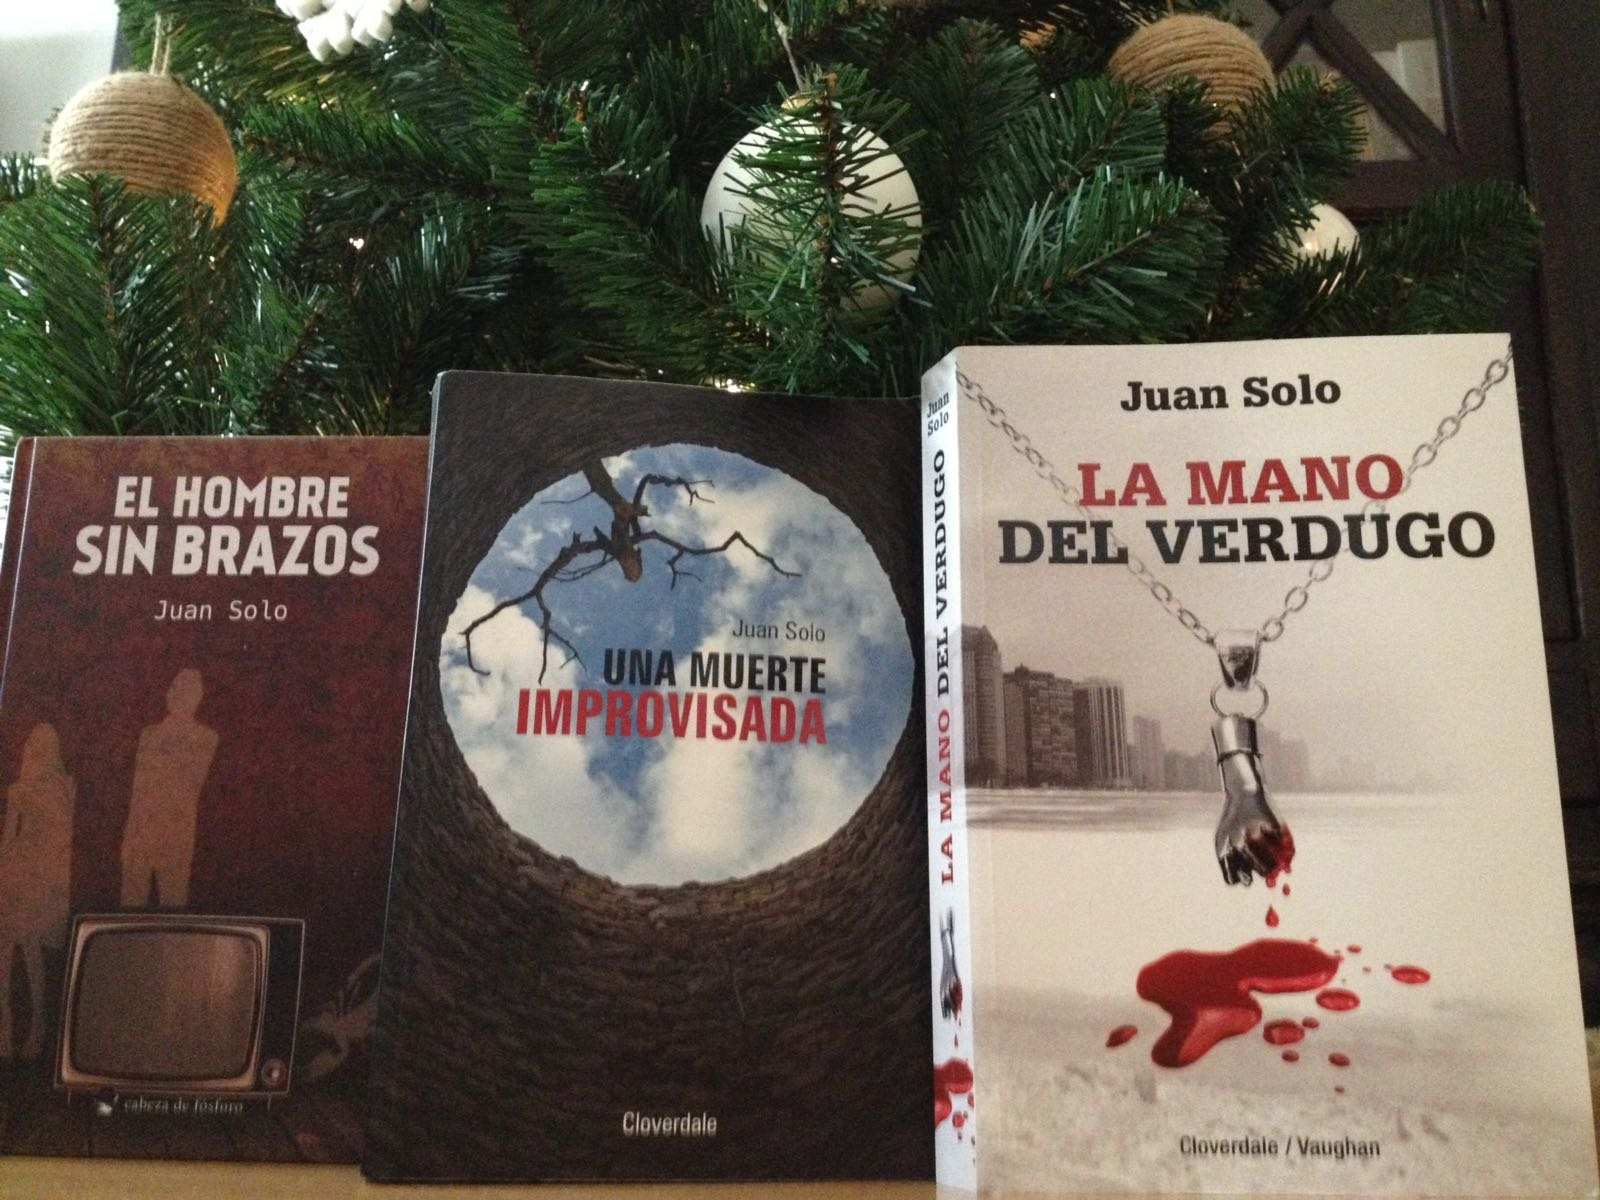 Libros de Juan Solo: La mano del Verdugo (Cloverdale/Vaughan Libros) Una muerte improvisada (Cloverdale/Vaughan Libros) y El hombre sin brazos (Léeme Libros)